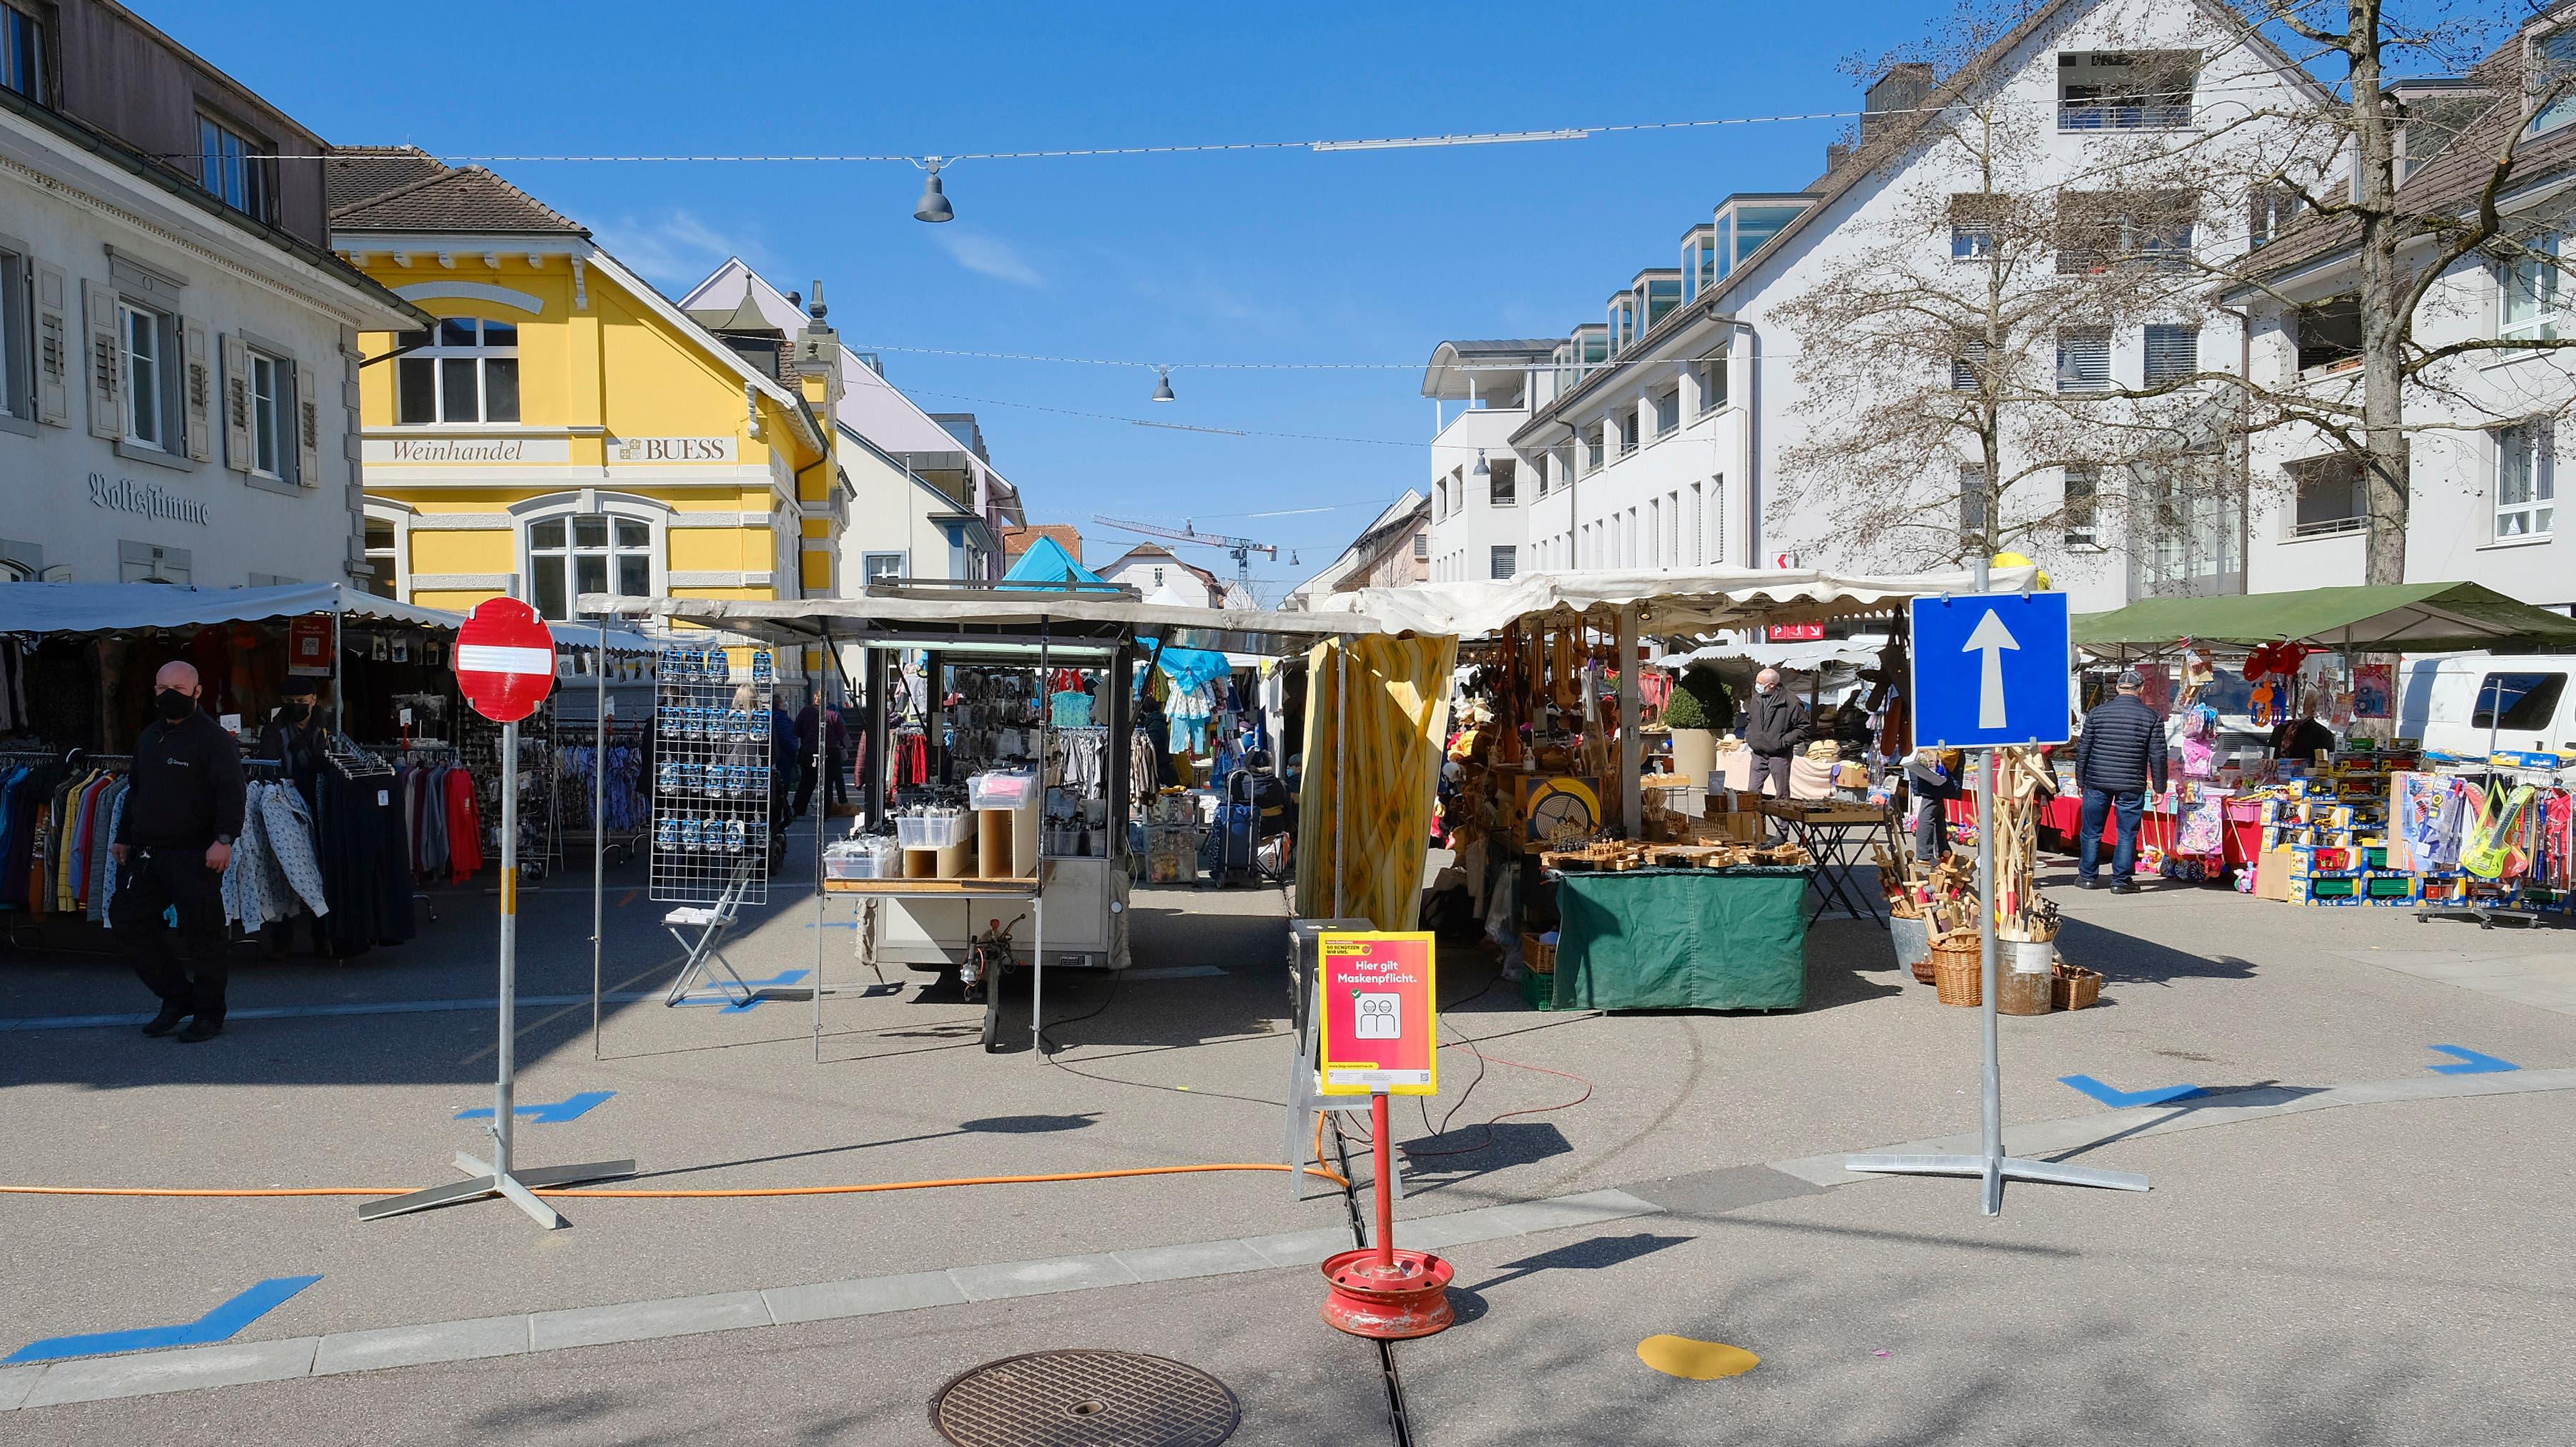 Einbahnsystem in der ganzen Begegnungszone: Frühlingsmarkt im Dorfkern.